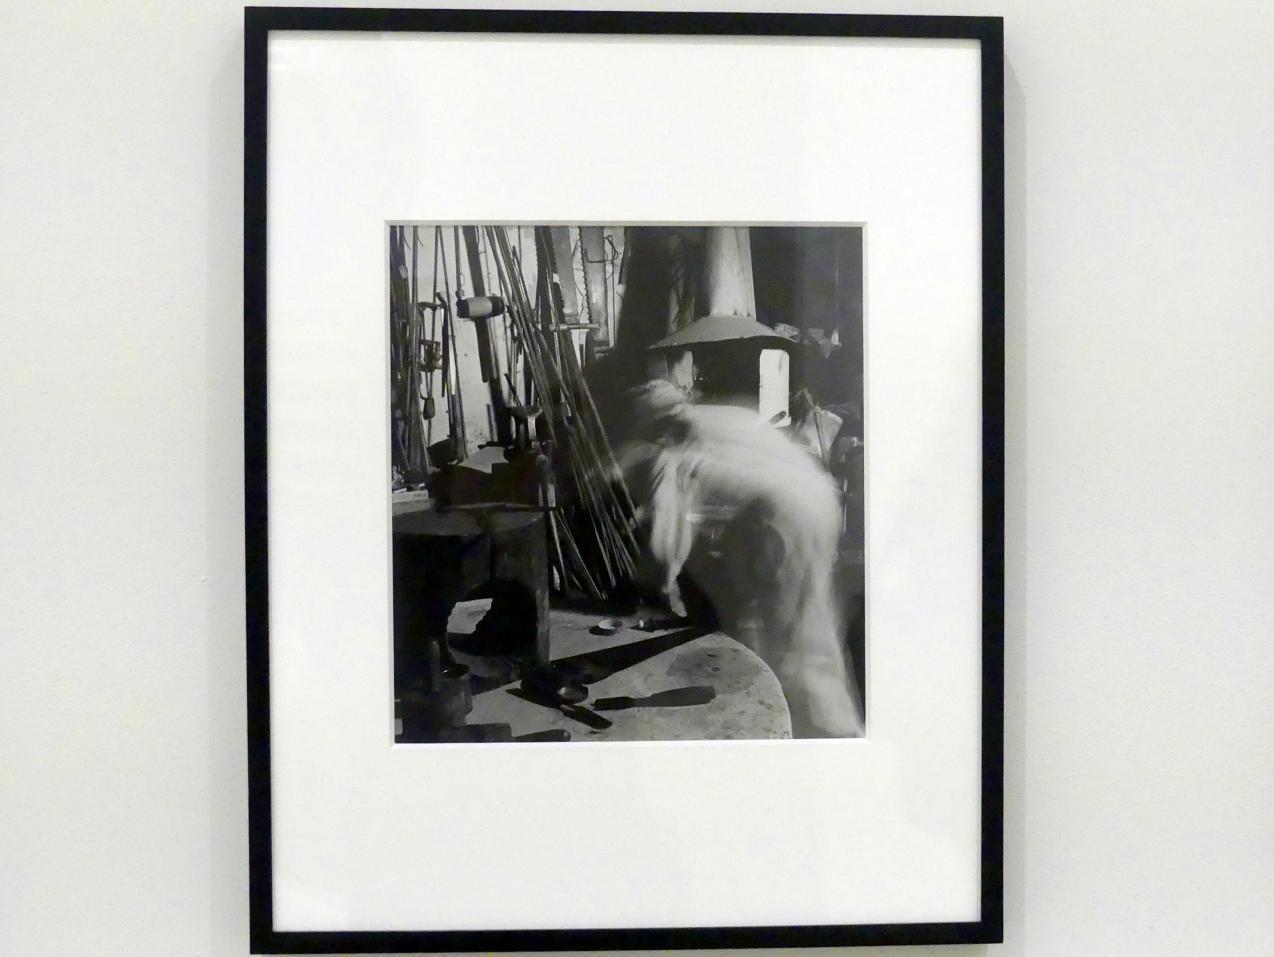 Wayne F. Miller: Constantin Brancusi in seinem Studio, 1946